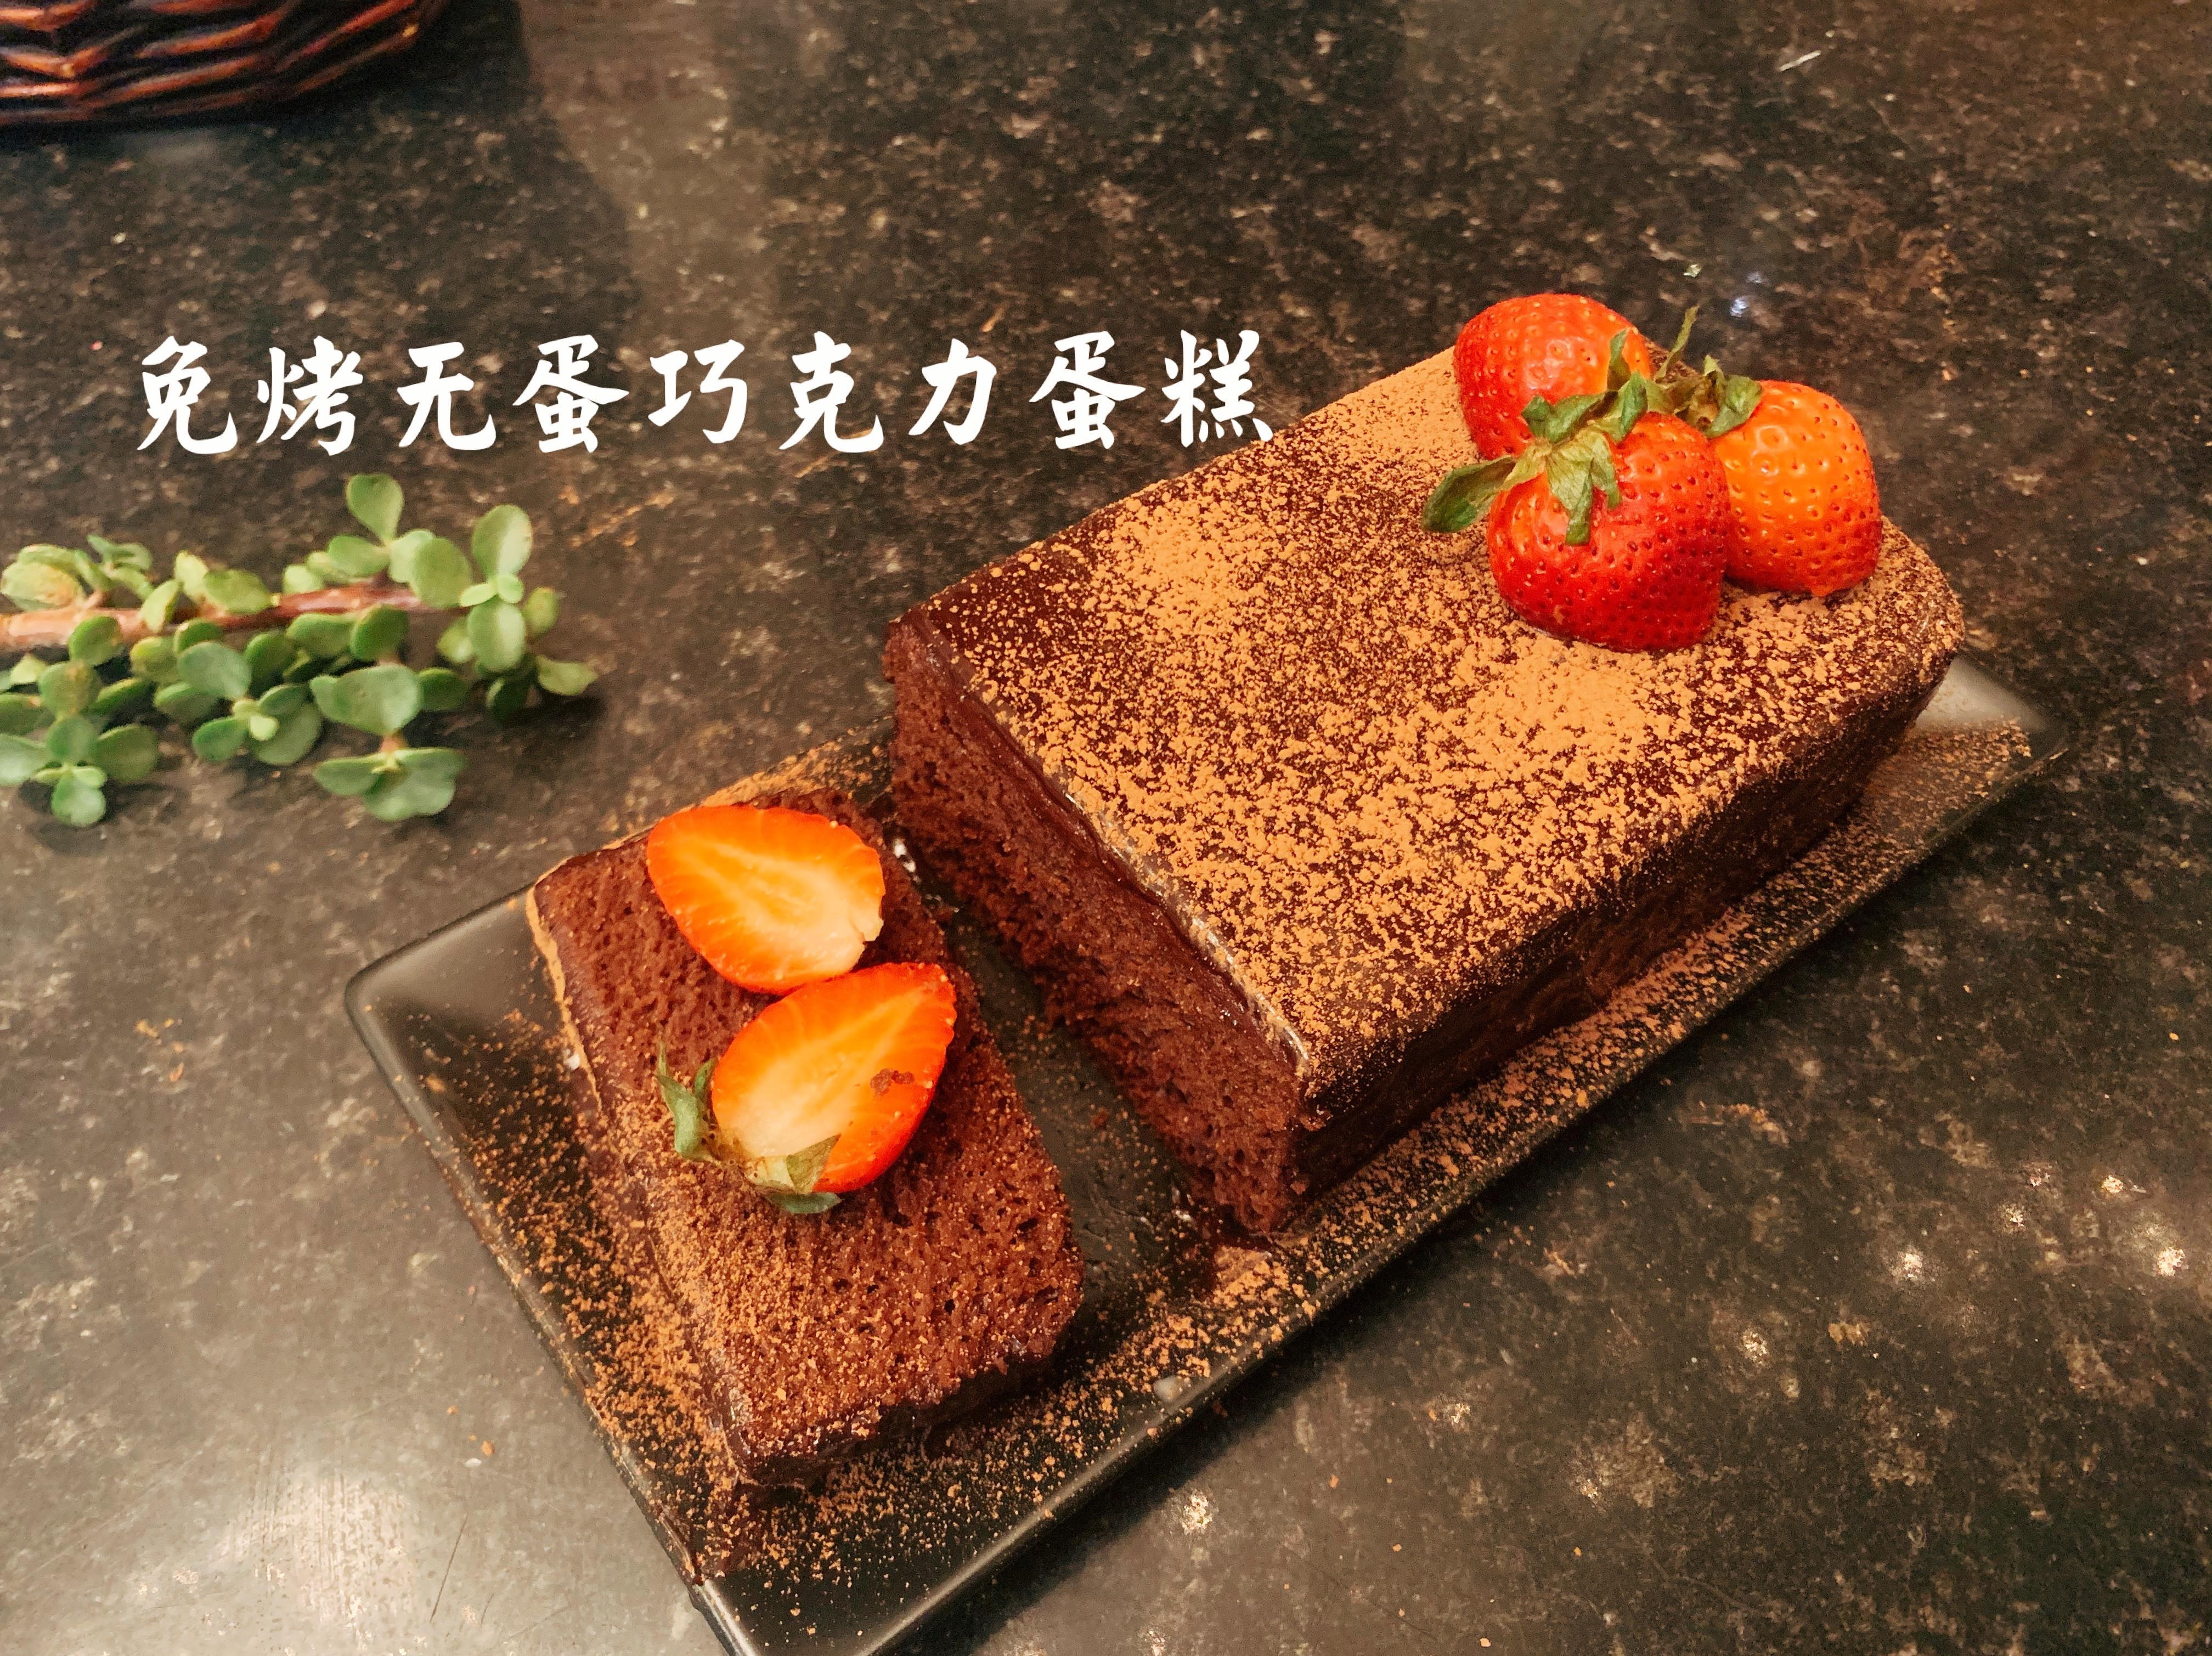 巧克力蛋糕 不用鸡蛋不用烤箱 超级湿润